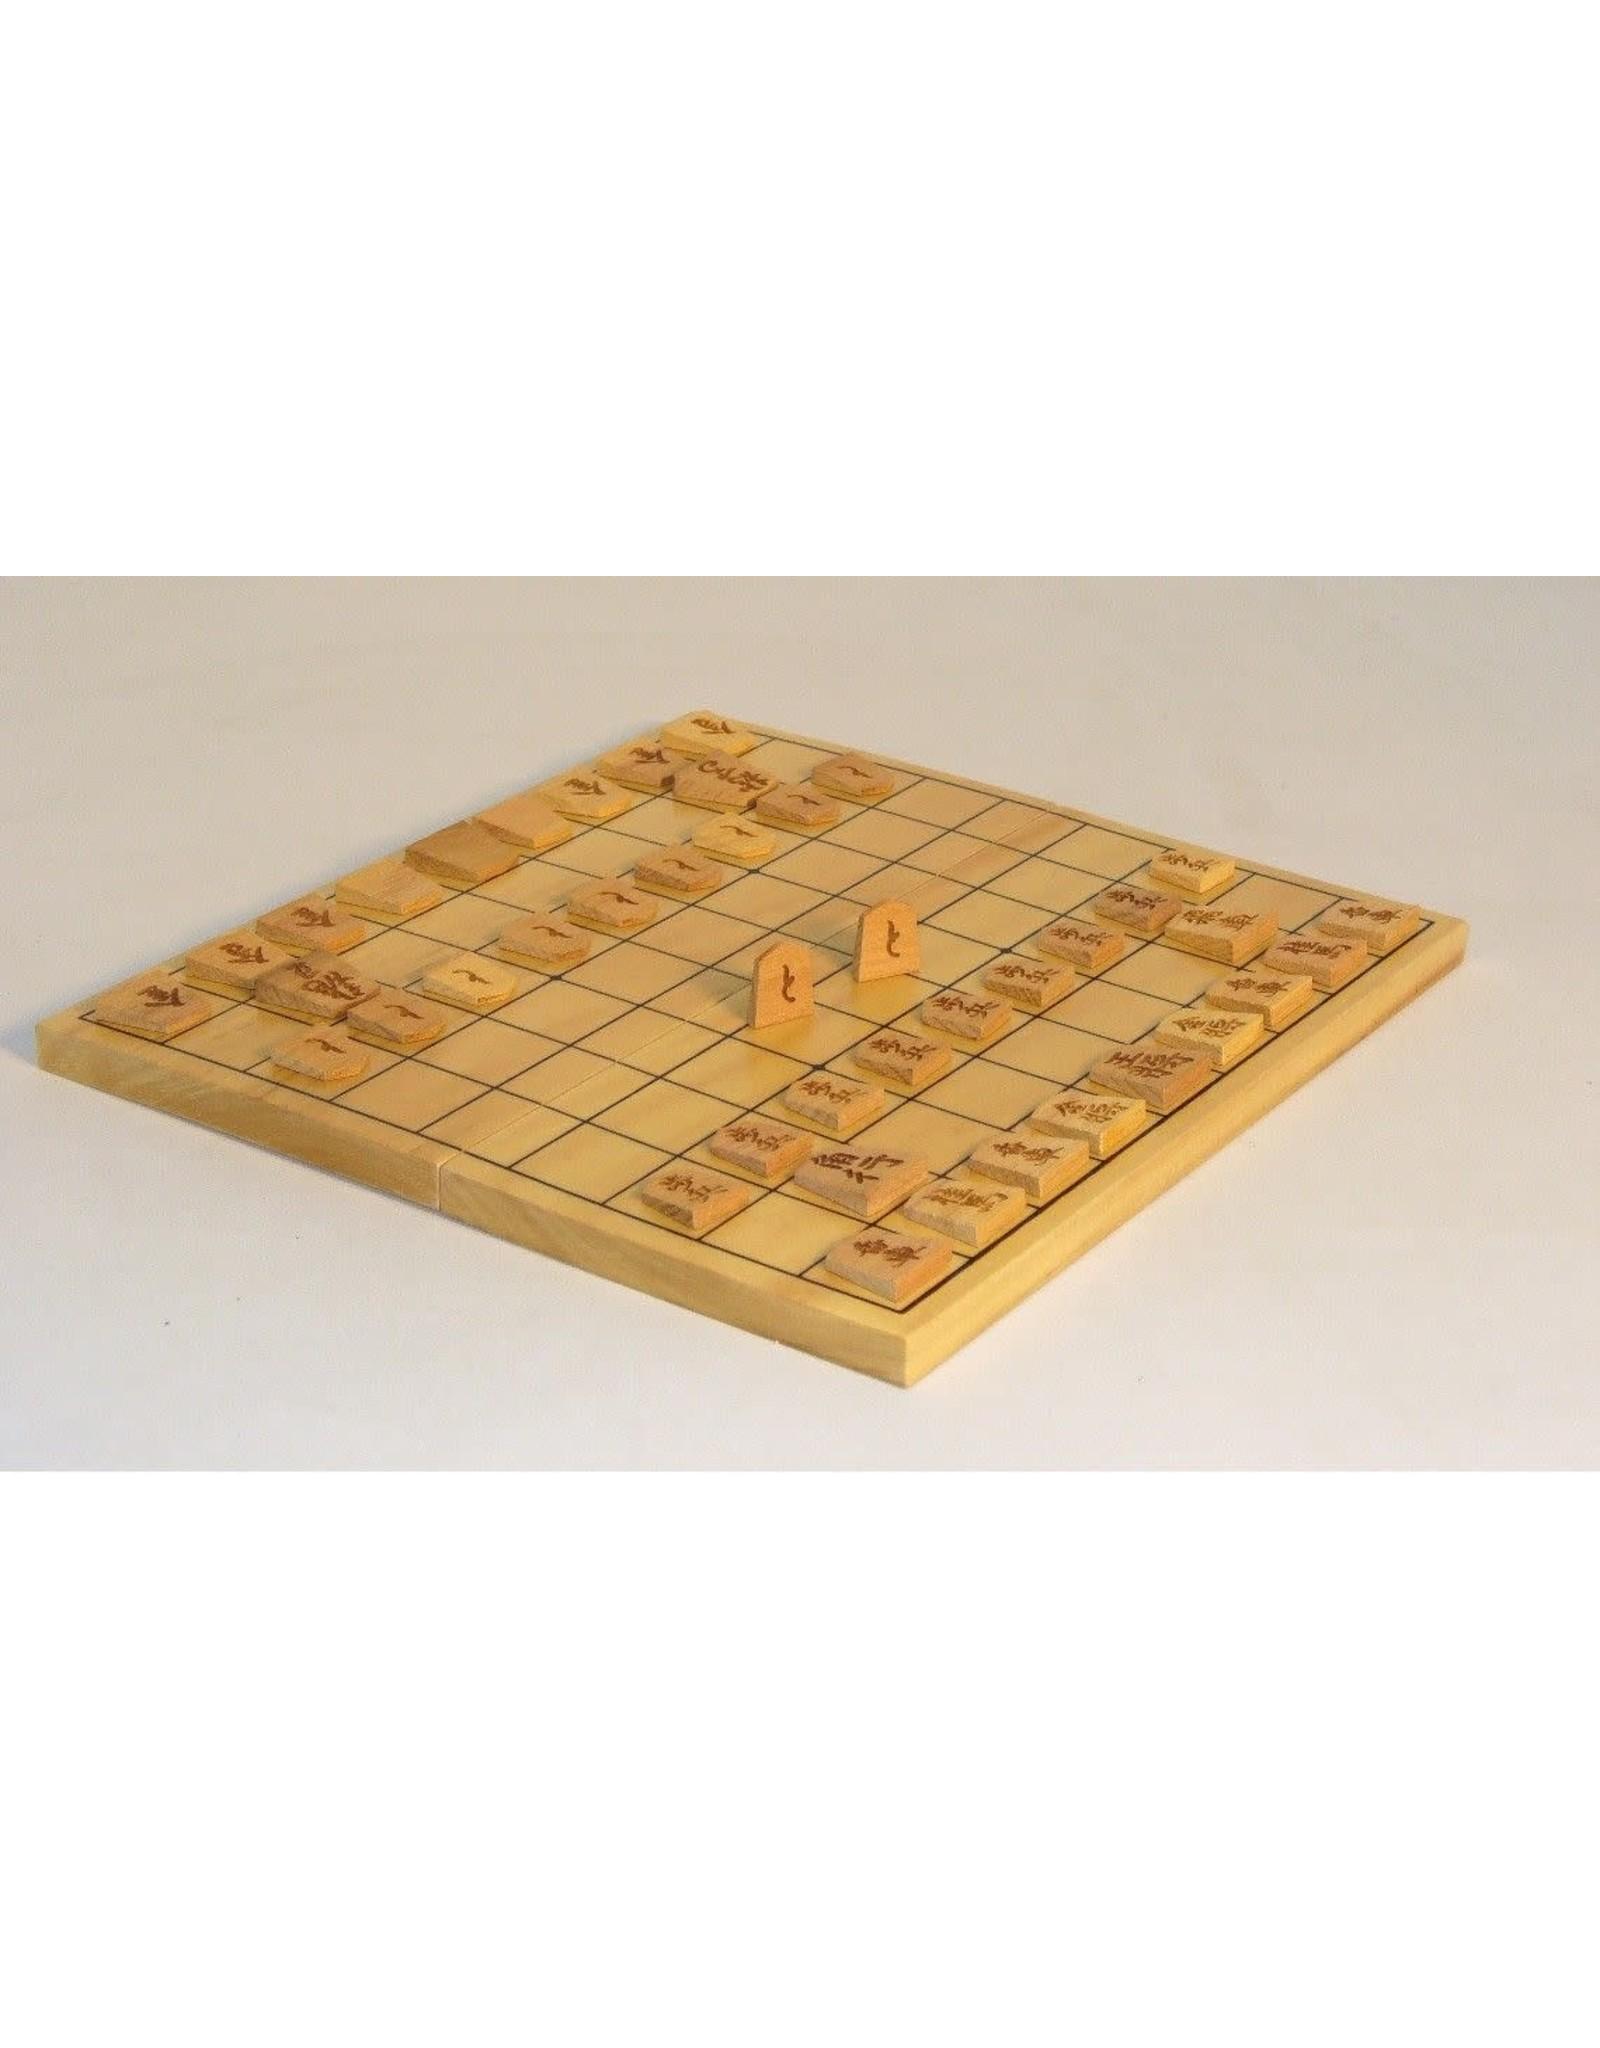 Worldwise Imports Shogi Japanese Chess